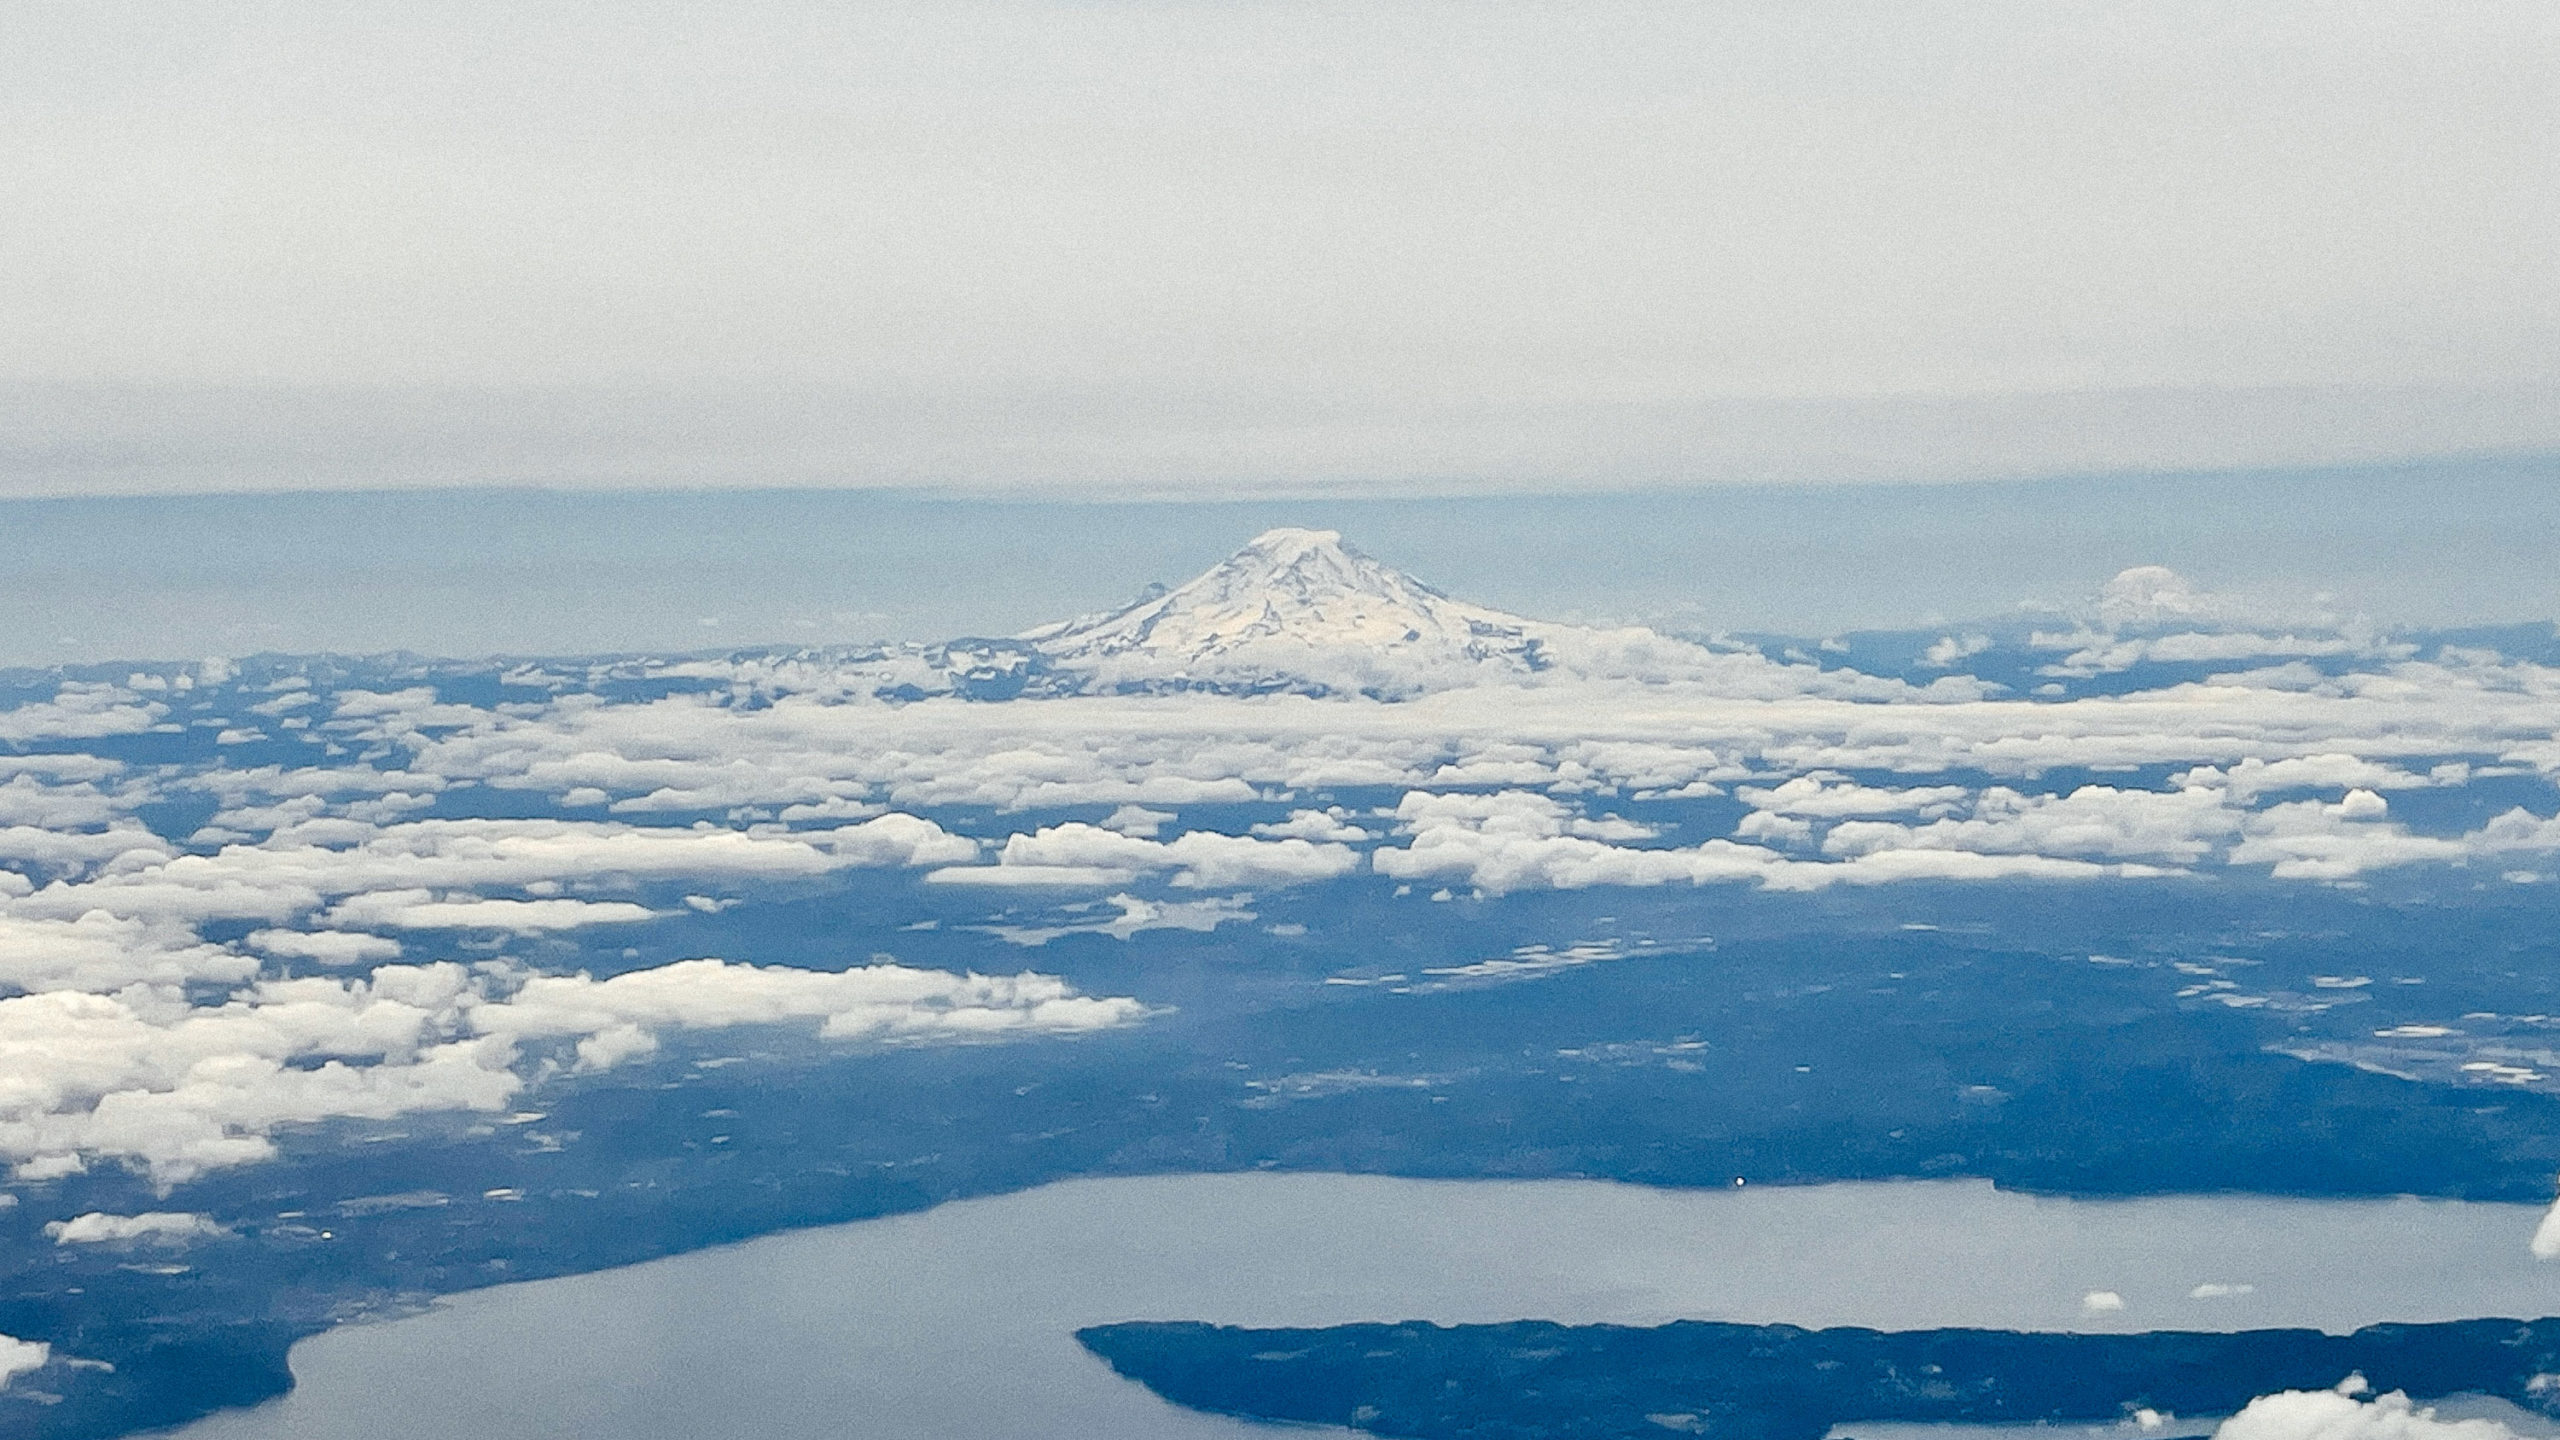 Mt. Rainier as seen from a plane window